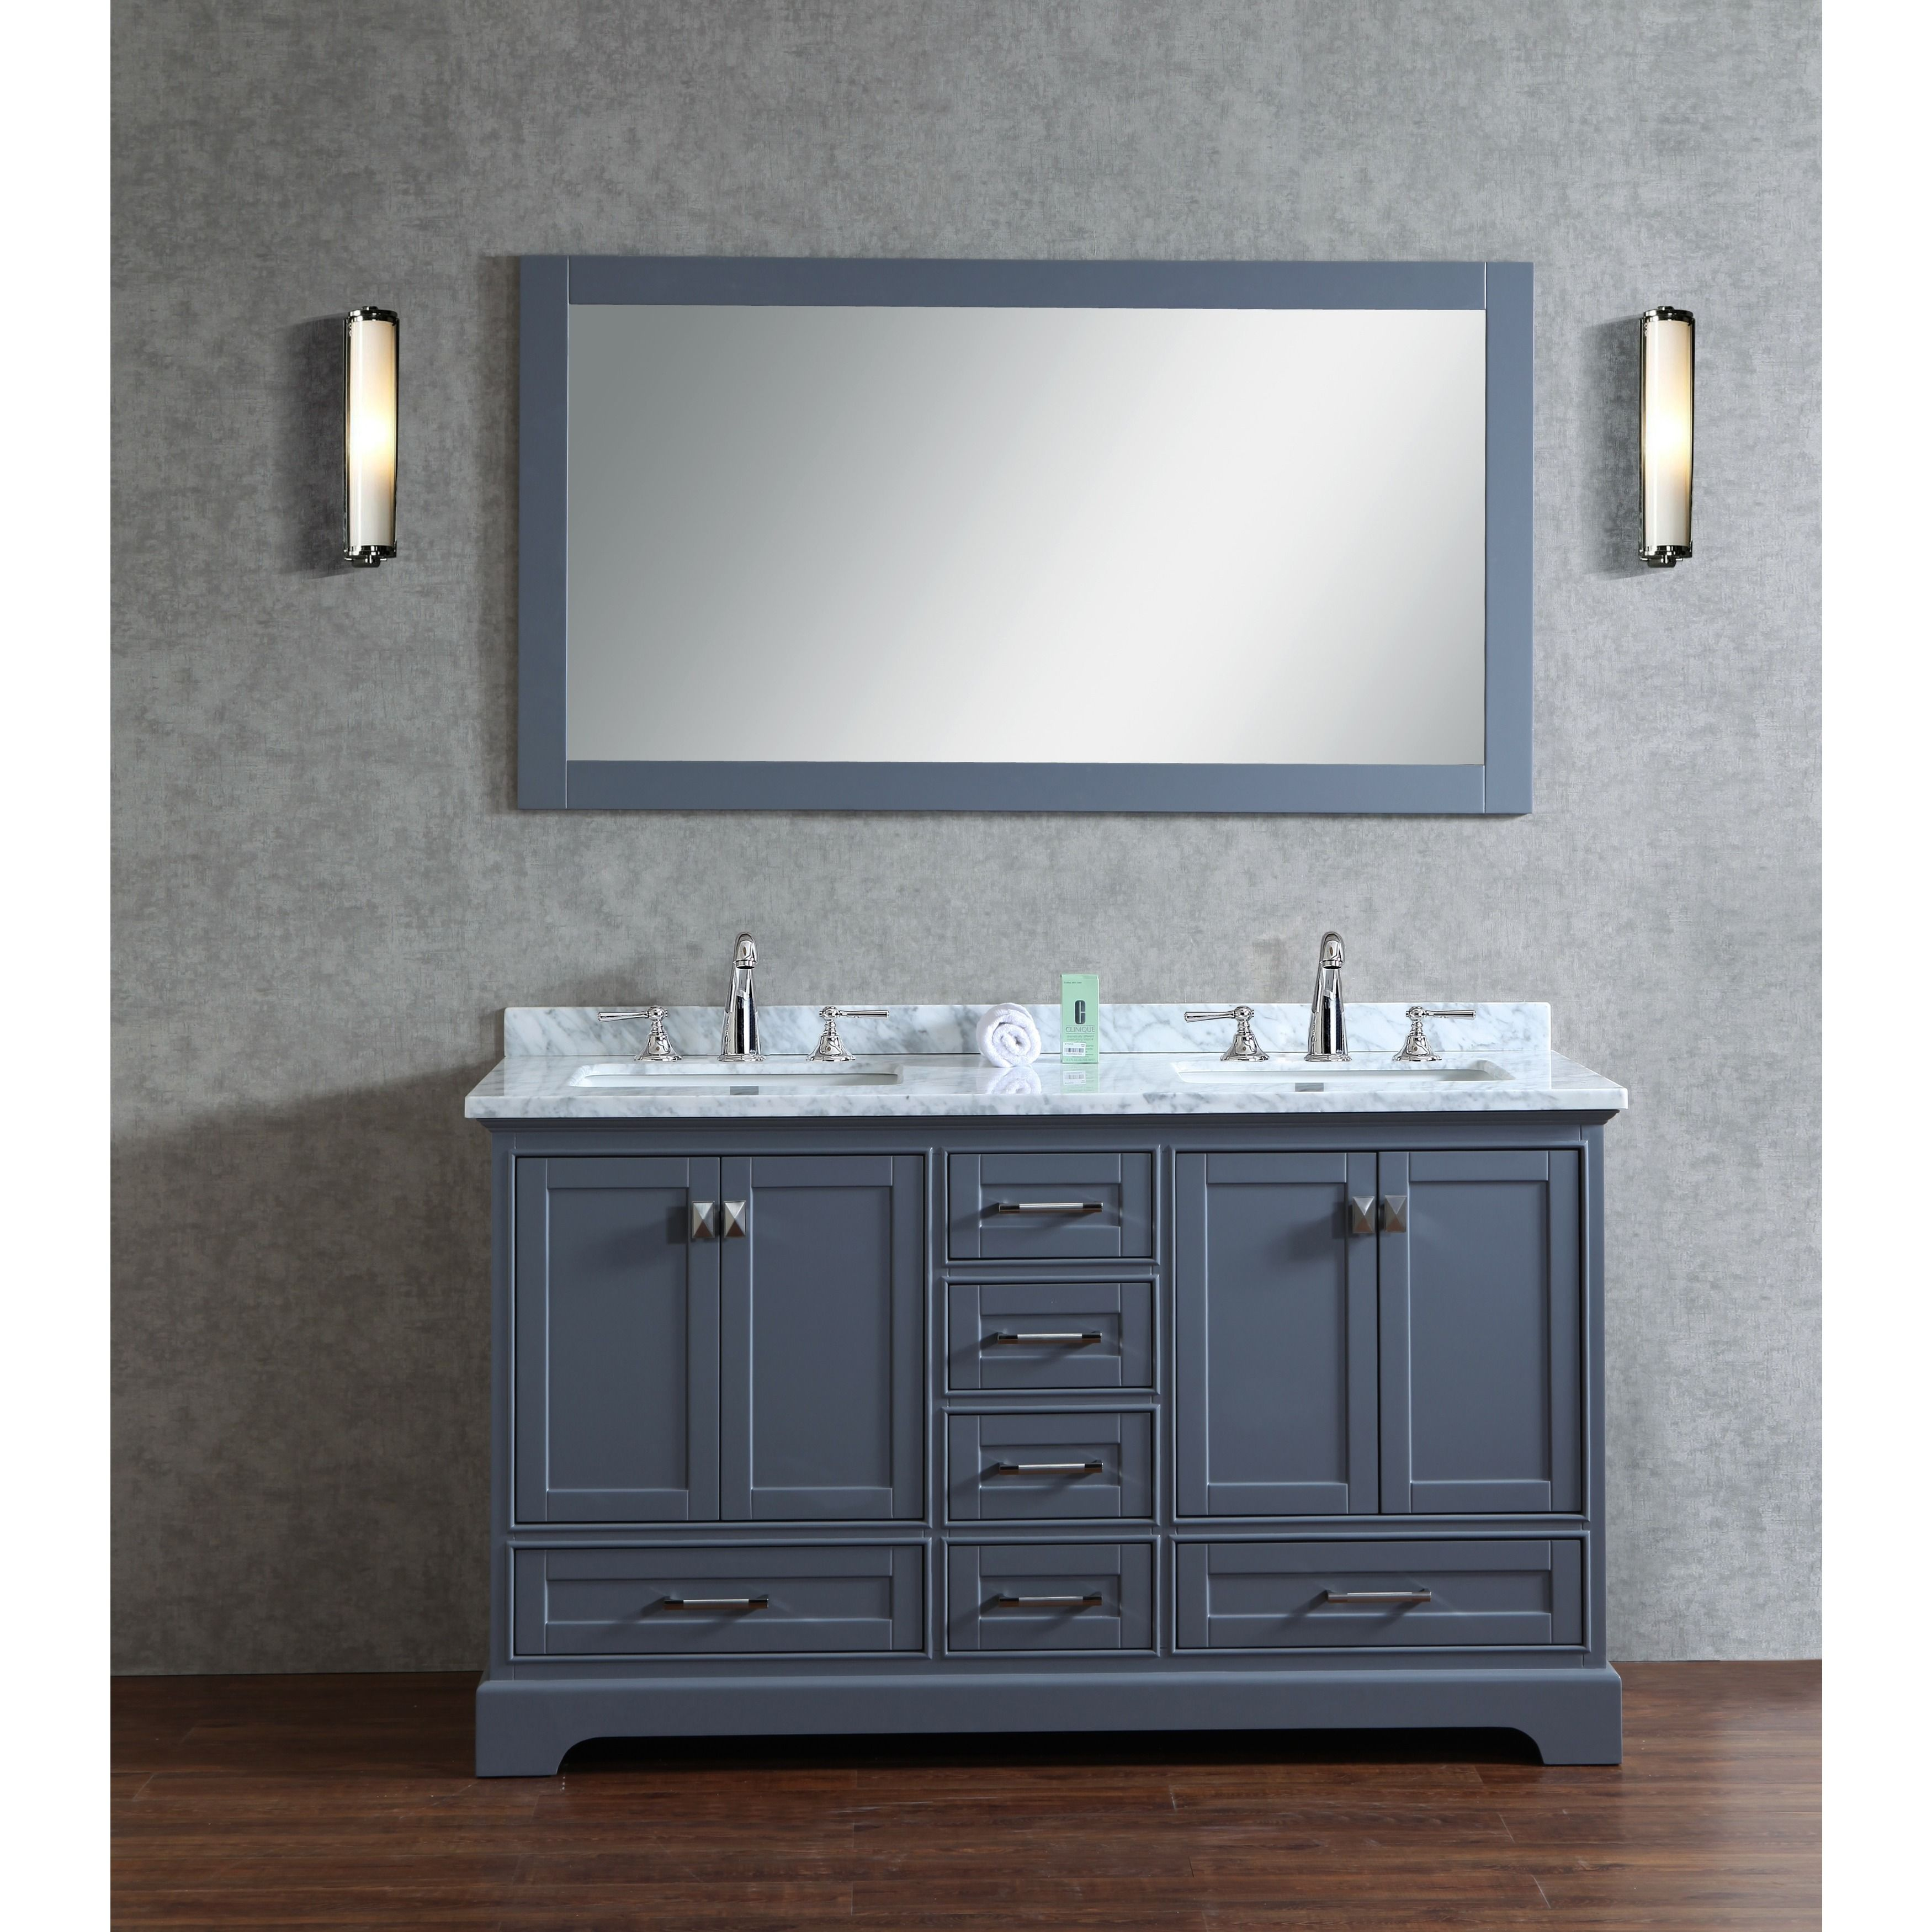 Stufurhome Grey 60 Inch Double Sink Bathroom Vanity Set With